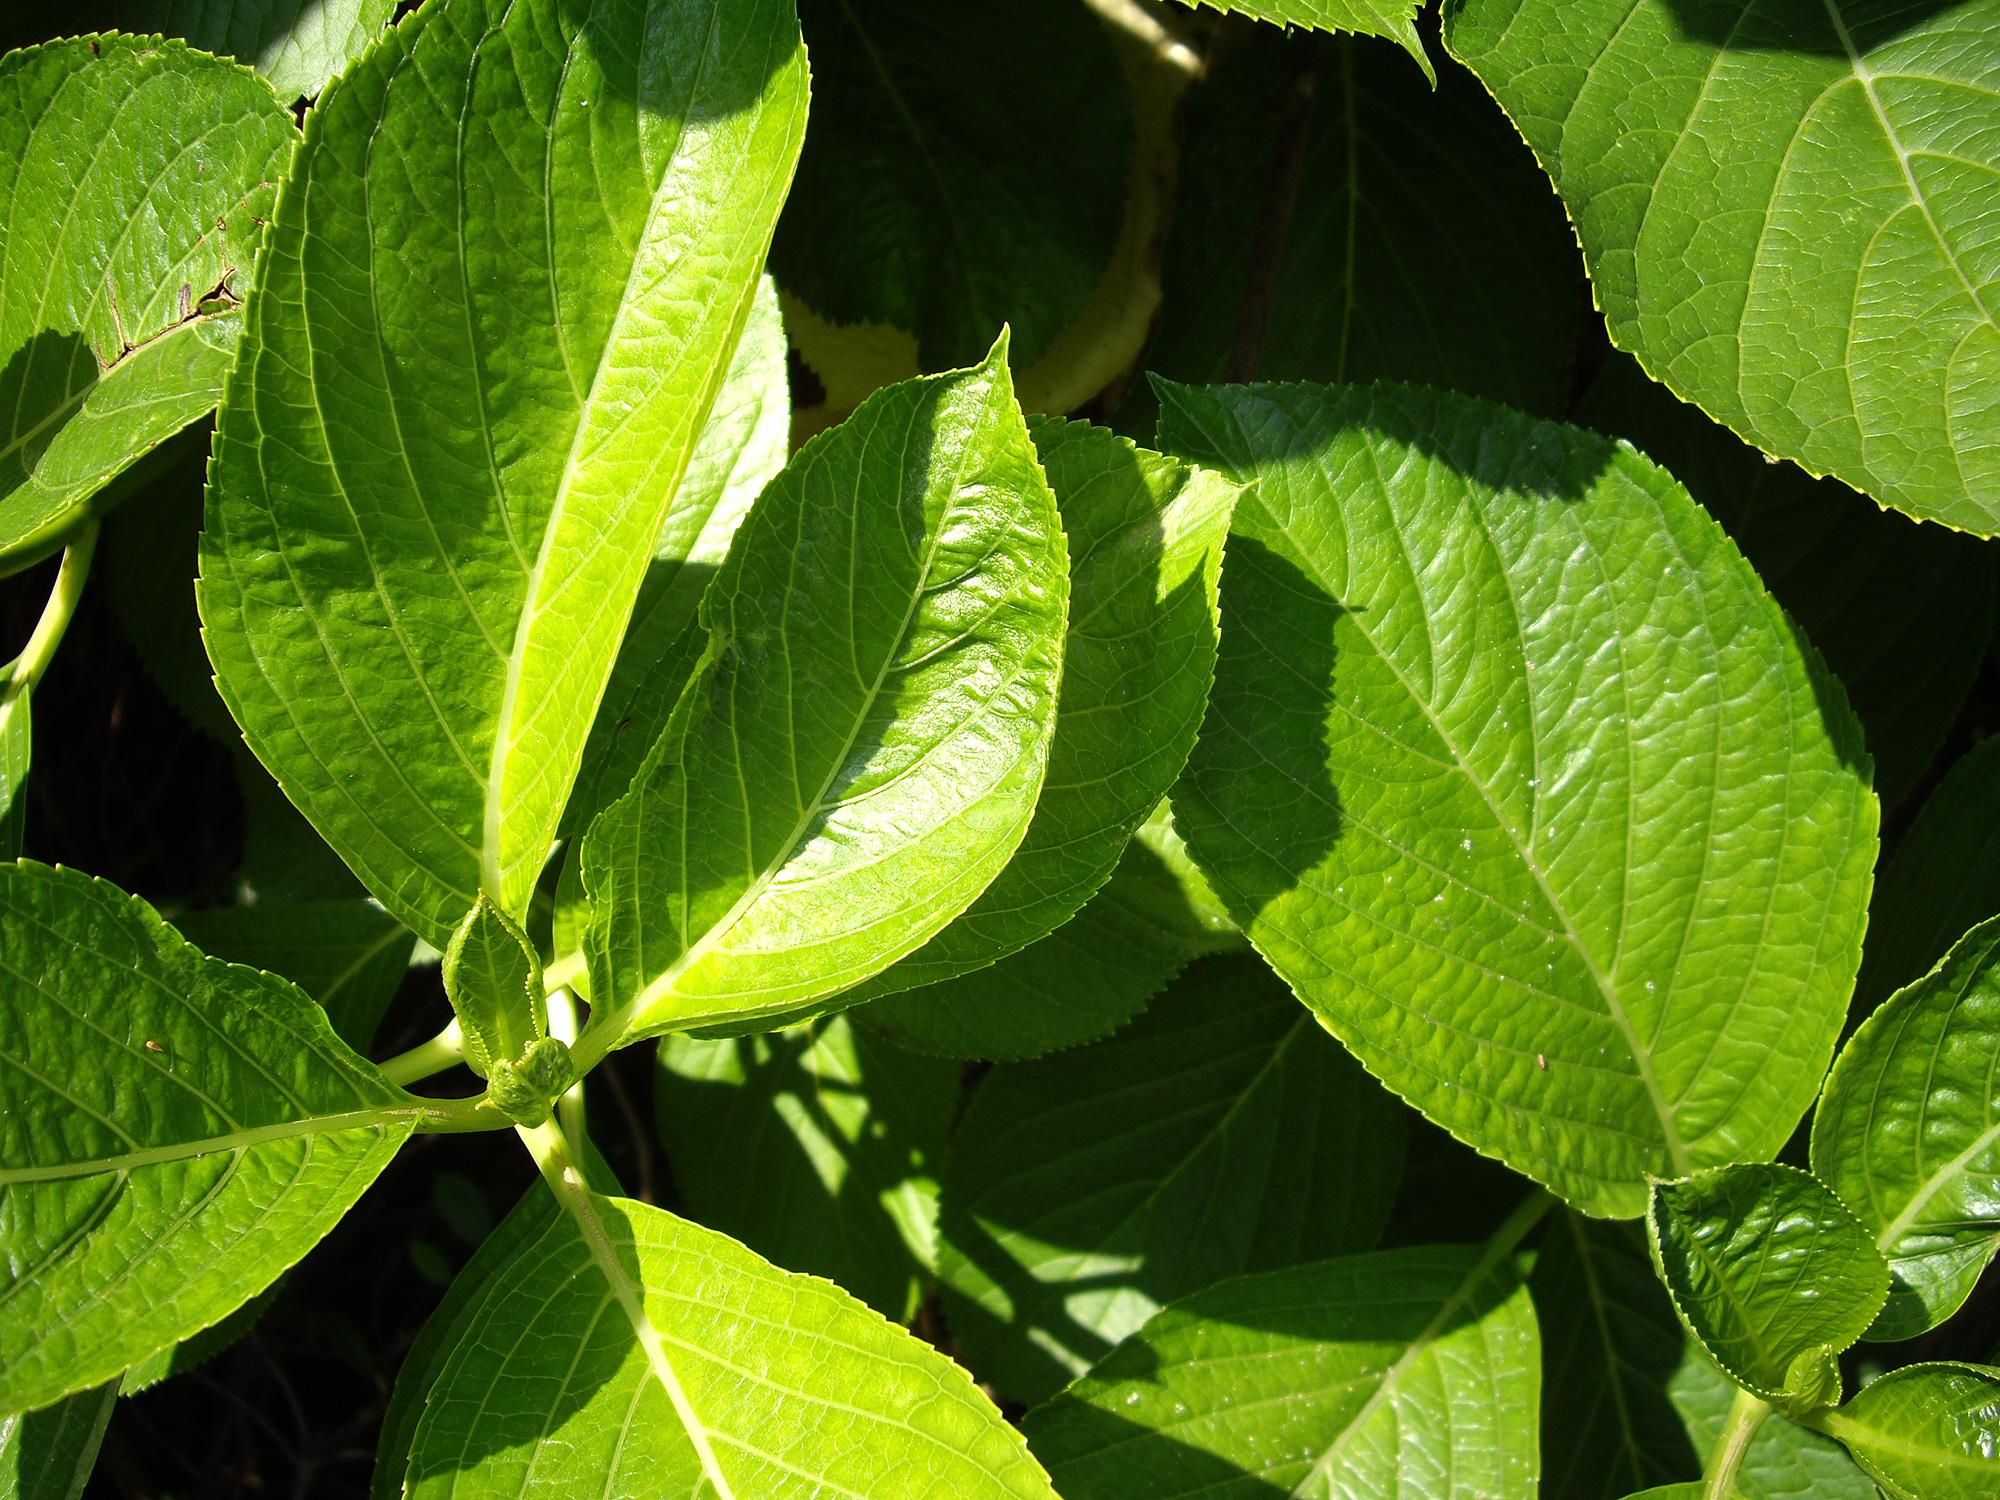 たくさんの葉っぱのフリー写真素材